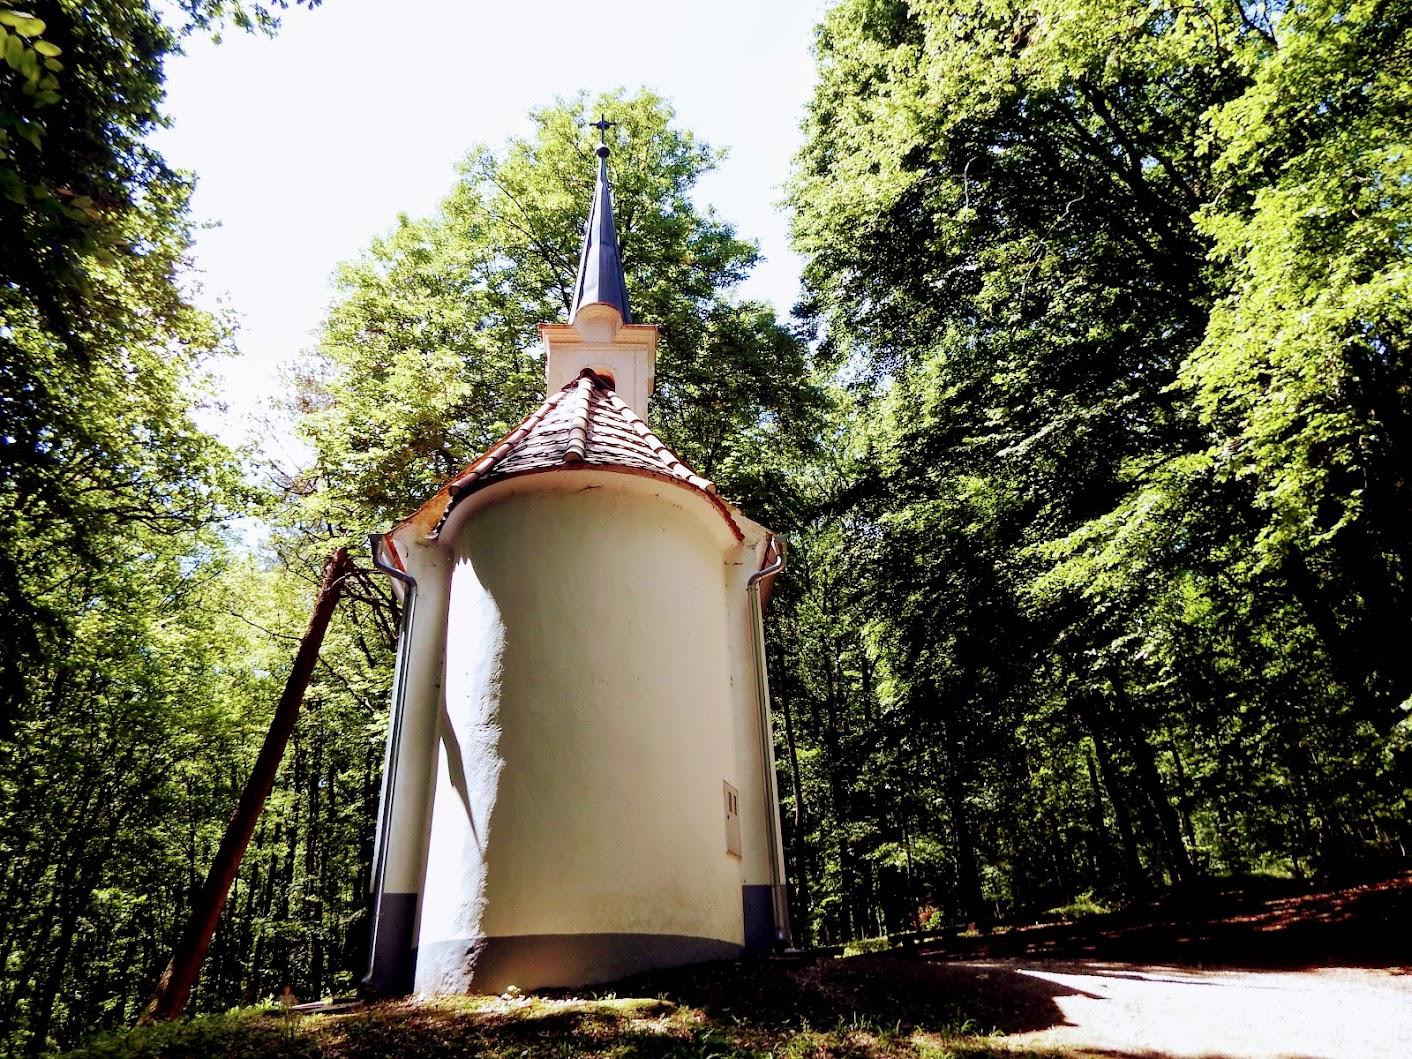 Strehovci (Őrszentvid) - kapela sv. Vida+izvir sv. Vida (Szent Vid-kápolna és Vid-kút)